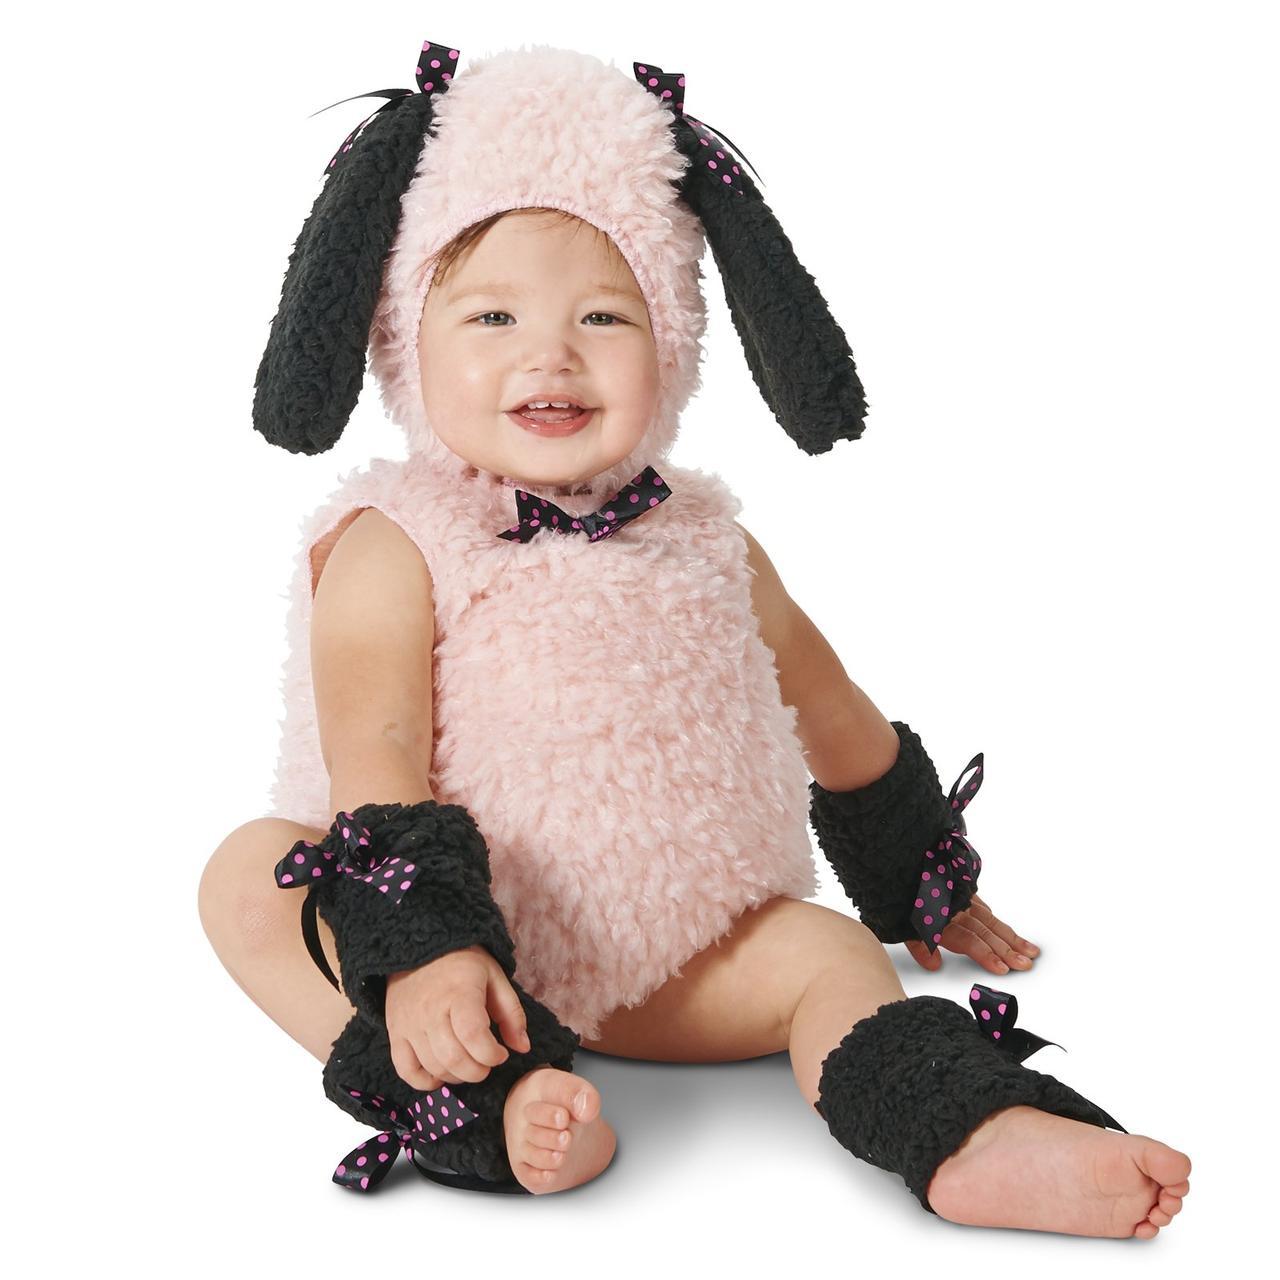 Карнавальный костюм для малышей размер 6-12 месяцев